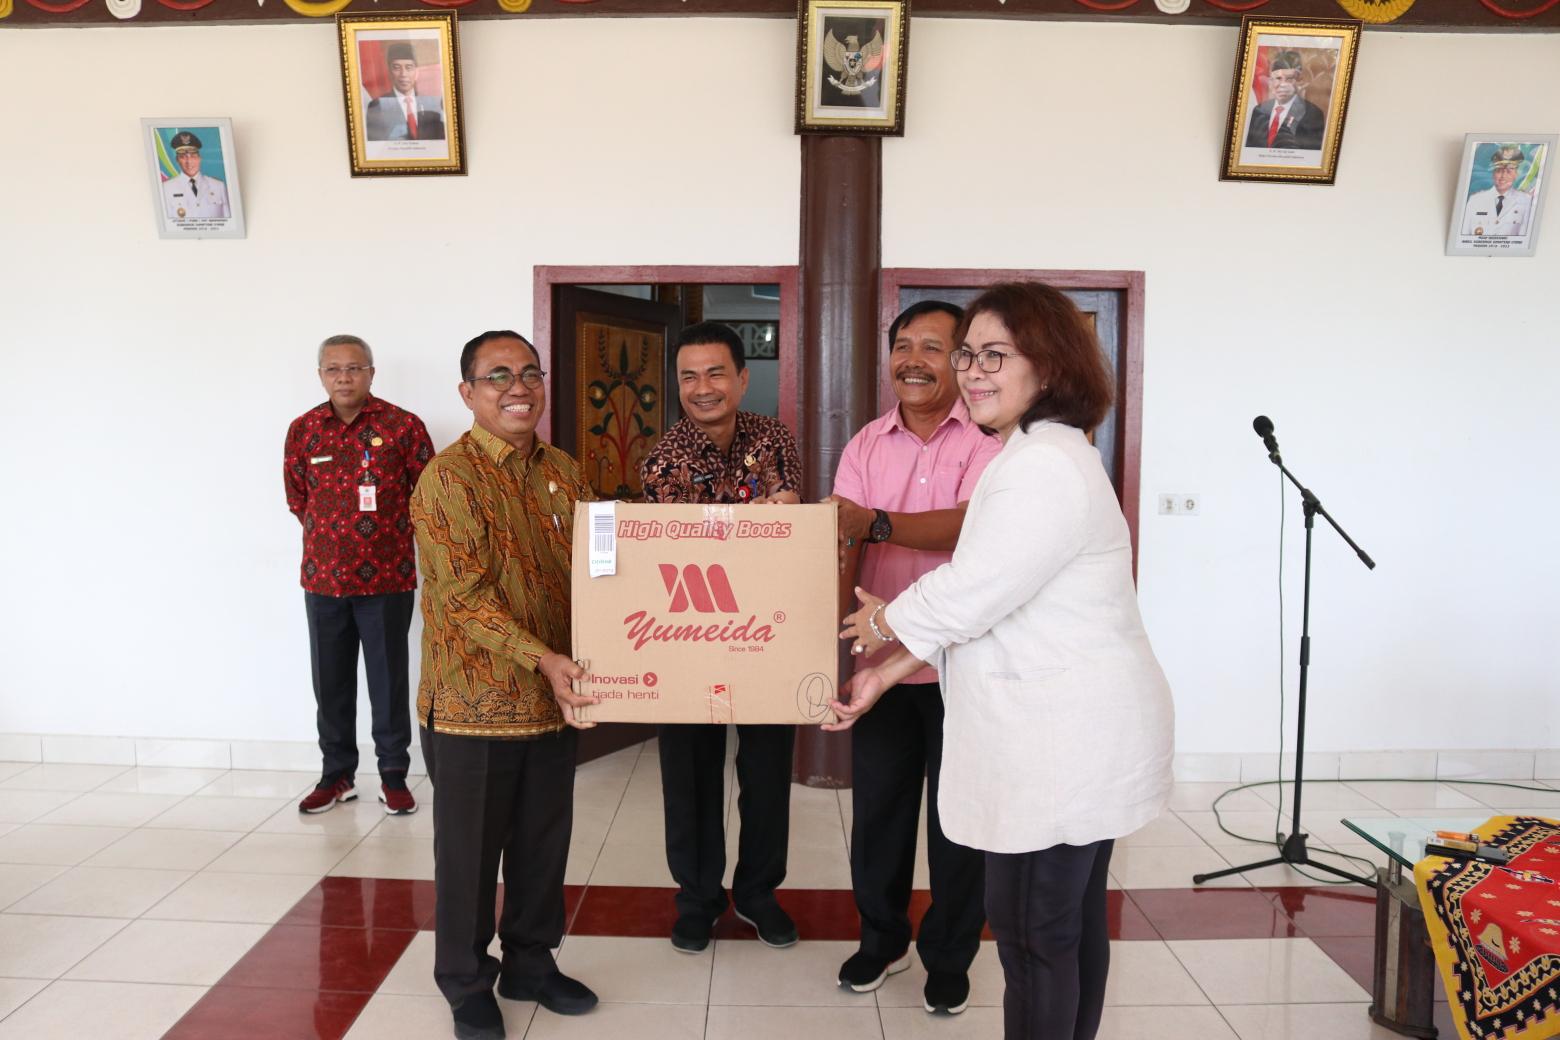 Kepala Dinas Pariwisata Sumut Ria Telaumbanua menyerahkan APD kepada Wakil Bupati Nias Arosekhi Waruwu. Foto: Biro Humas dan Keprotokolan Setdaprovsu/ Parada Al Muqtadir